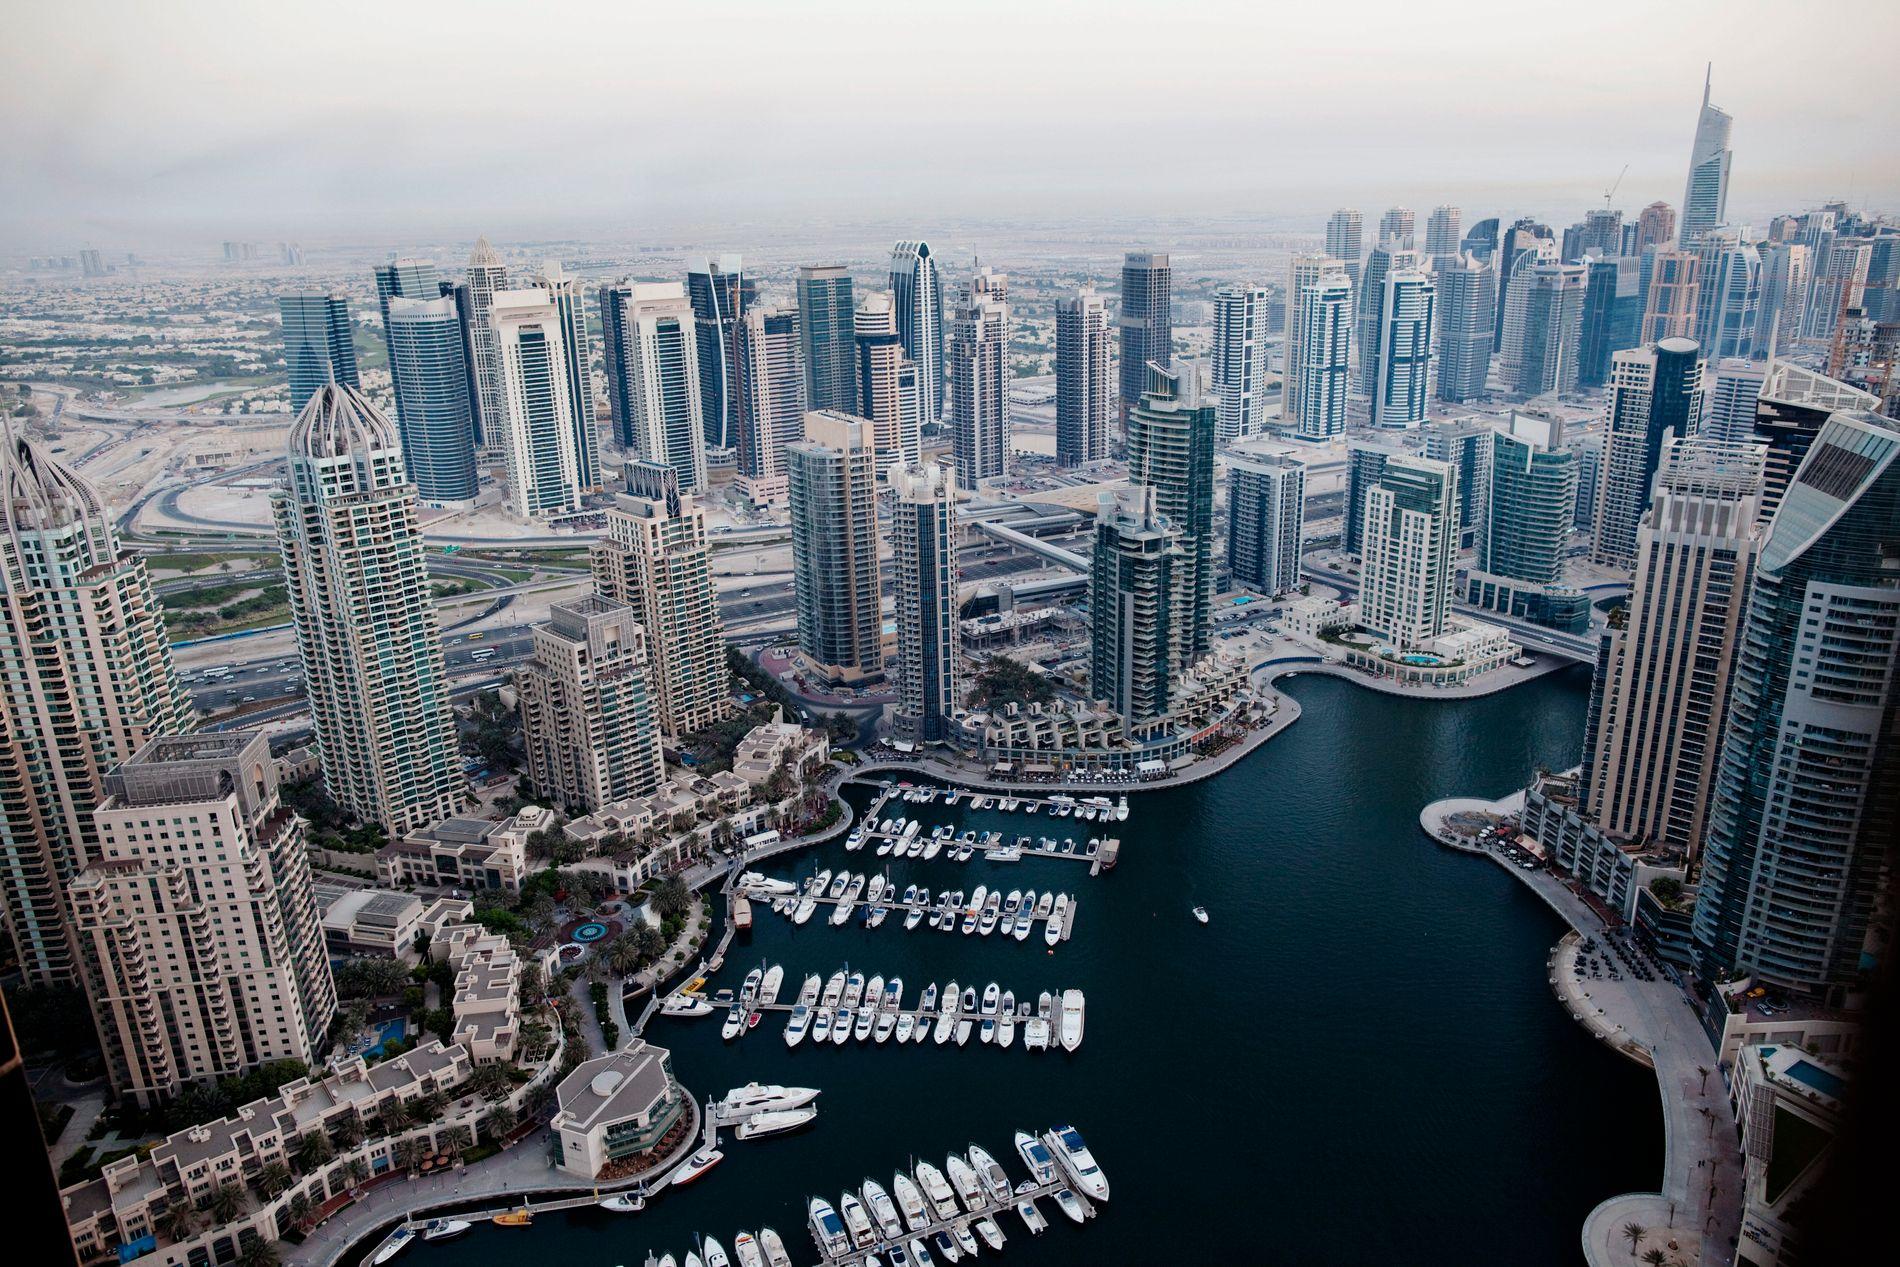 DUBAI: Norwegian har sponset tur til Dubai for influensere. Det har ført til massiv kritikk på sosiale medier.